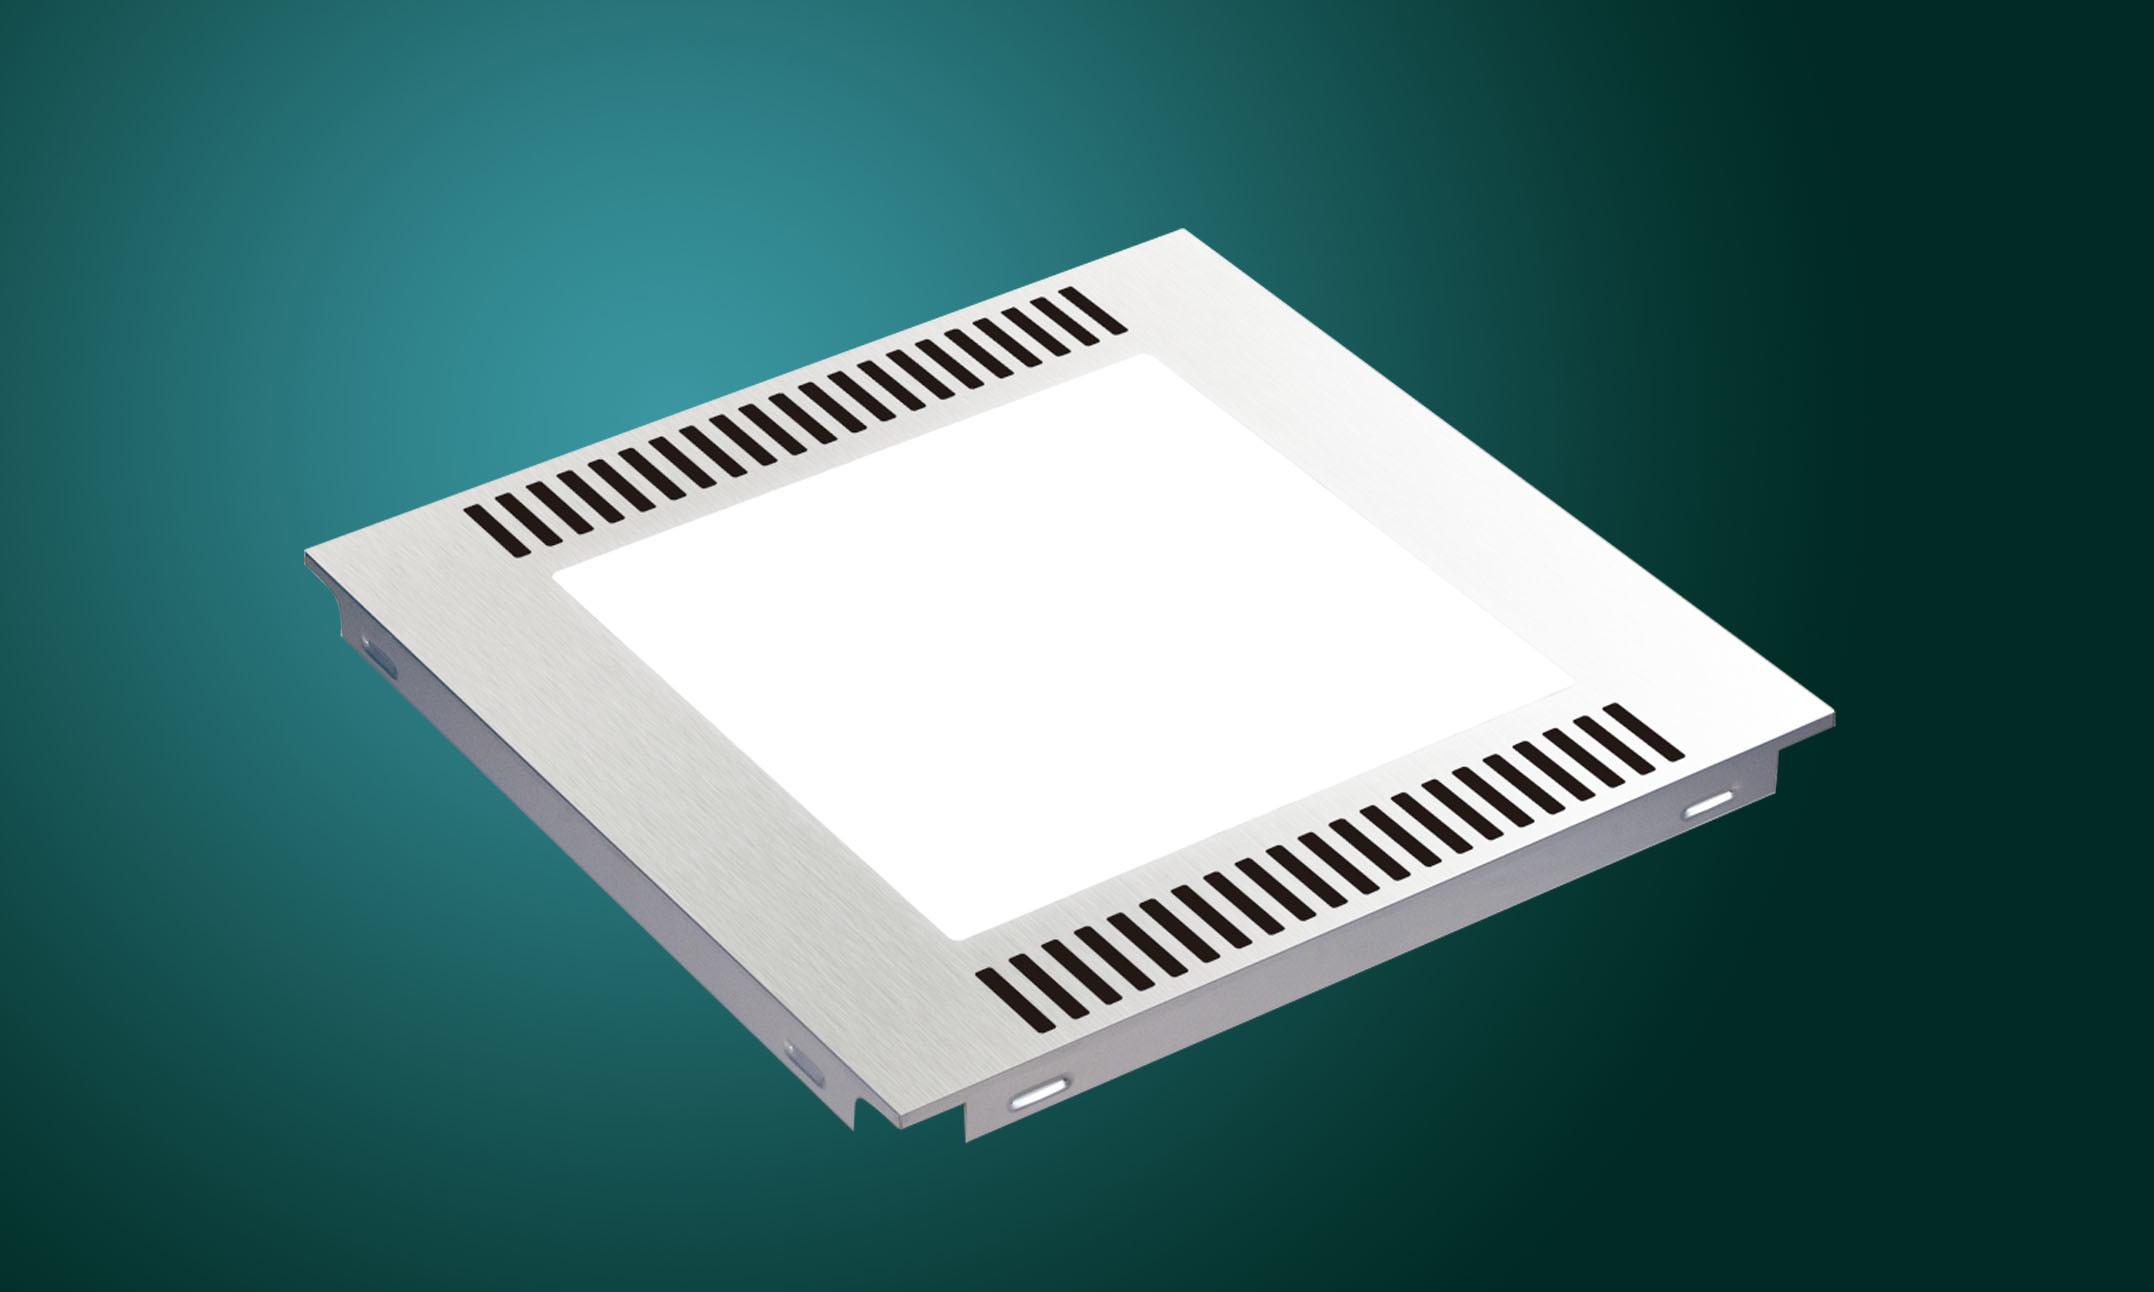 Plafonnier de DEL ventilateur de plafond –Plafonnier de